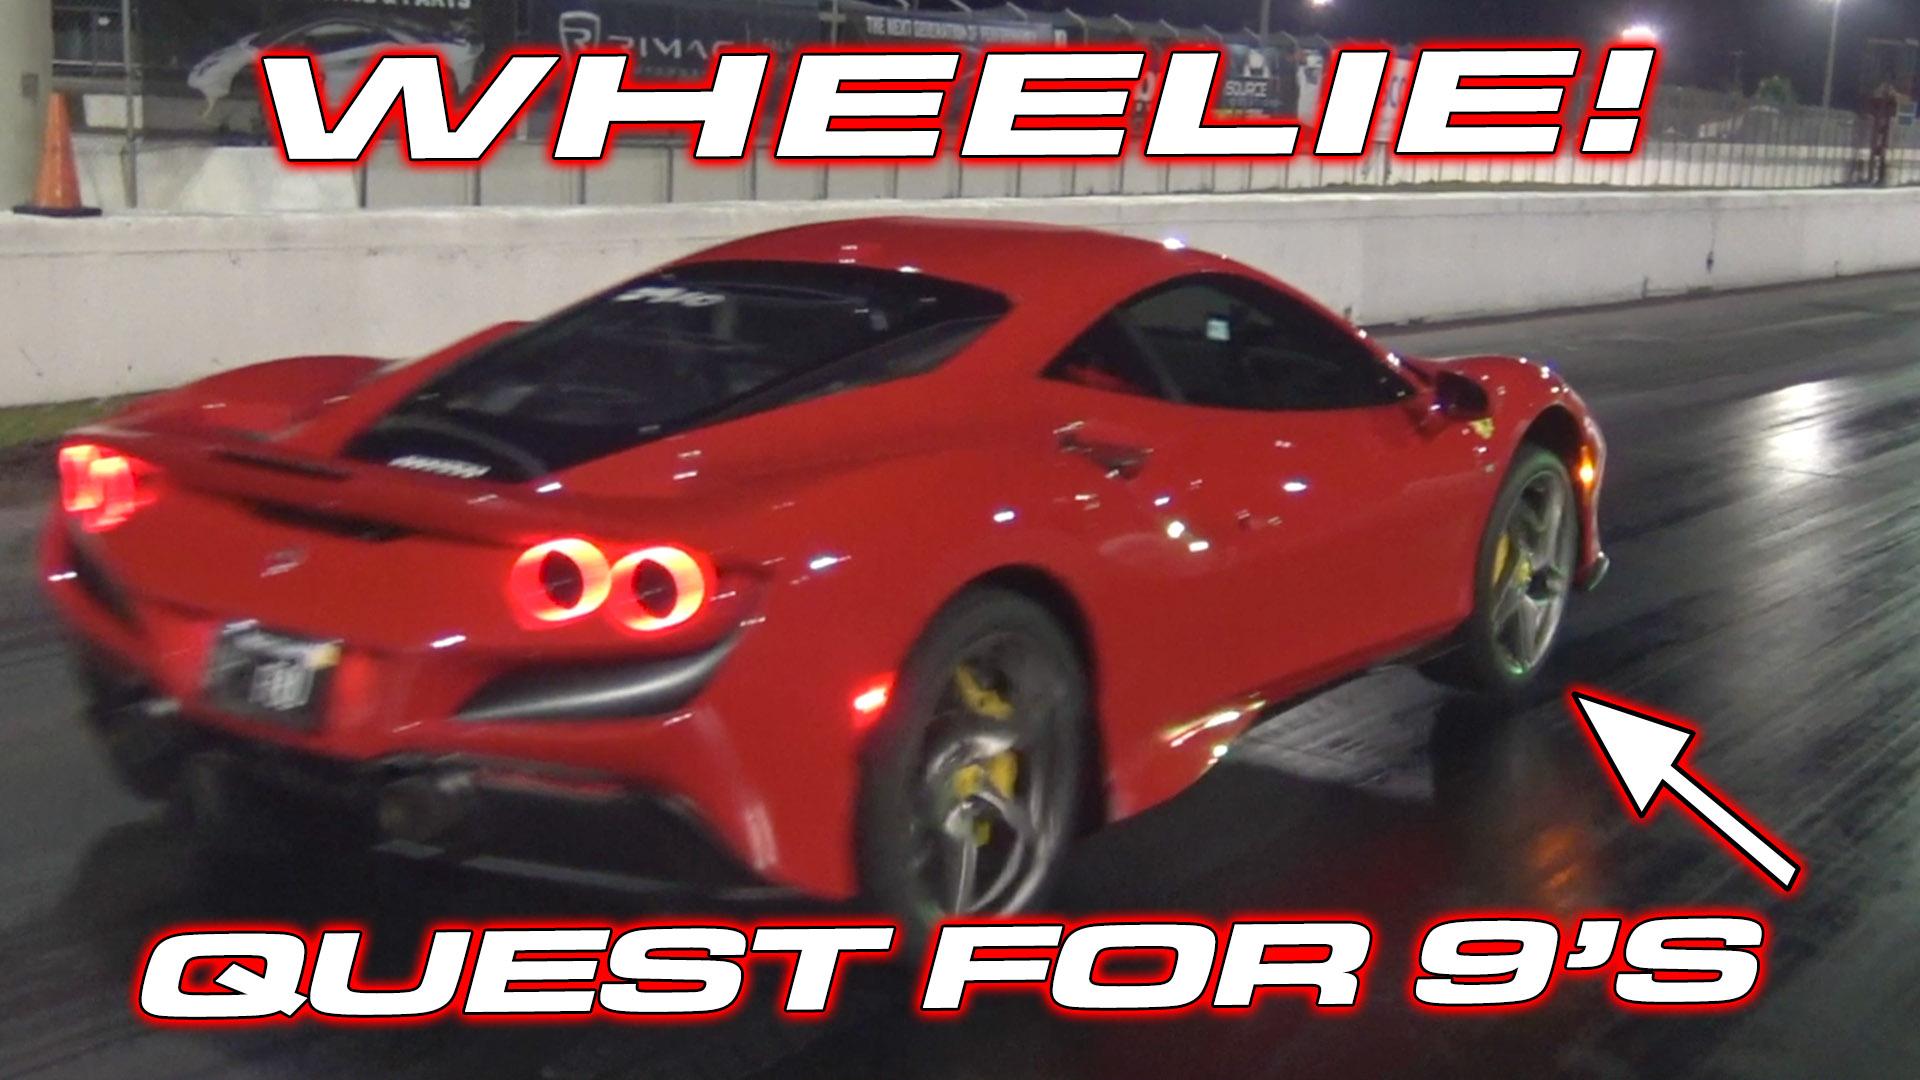 Ferrari F8 Wheelie